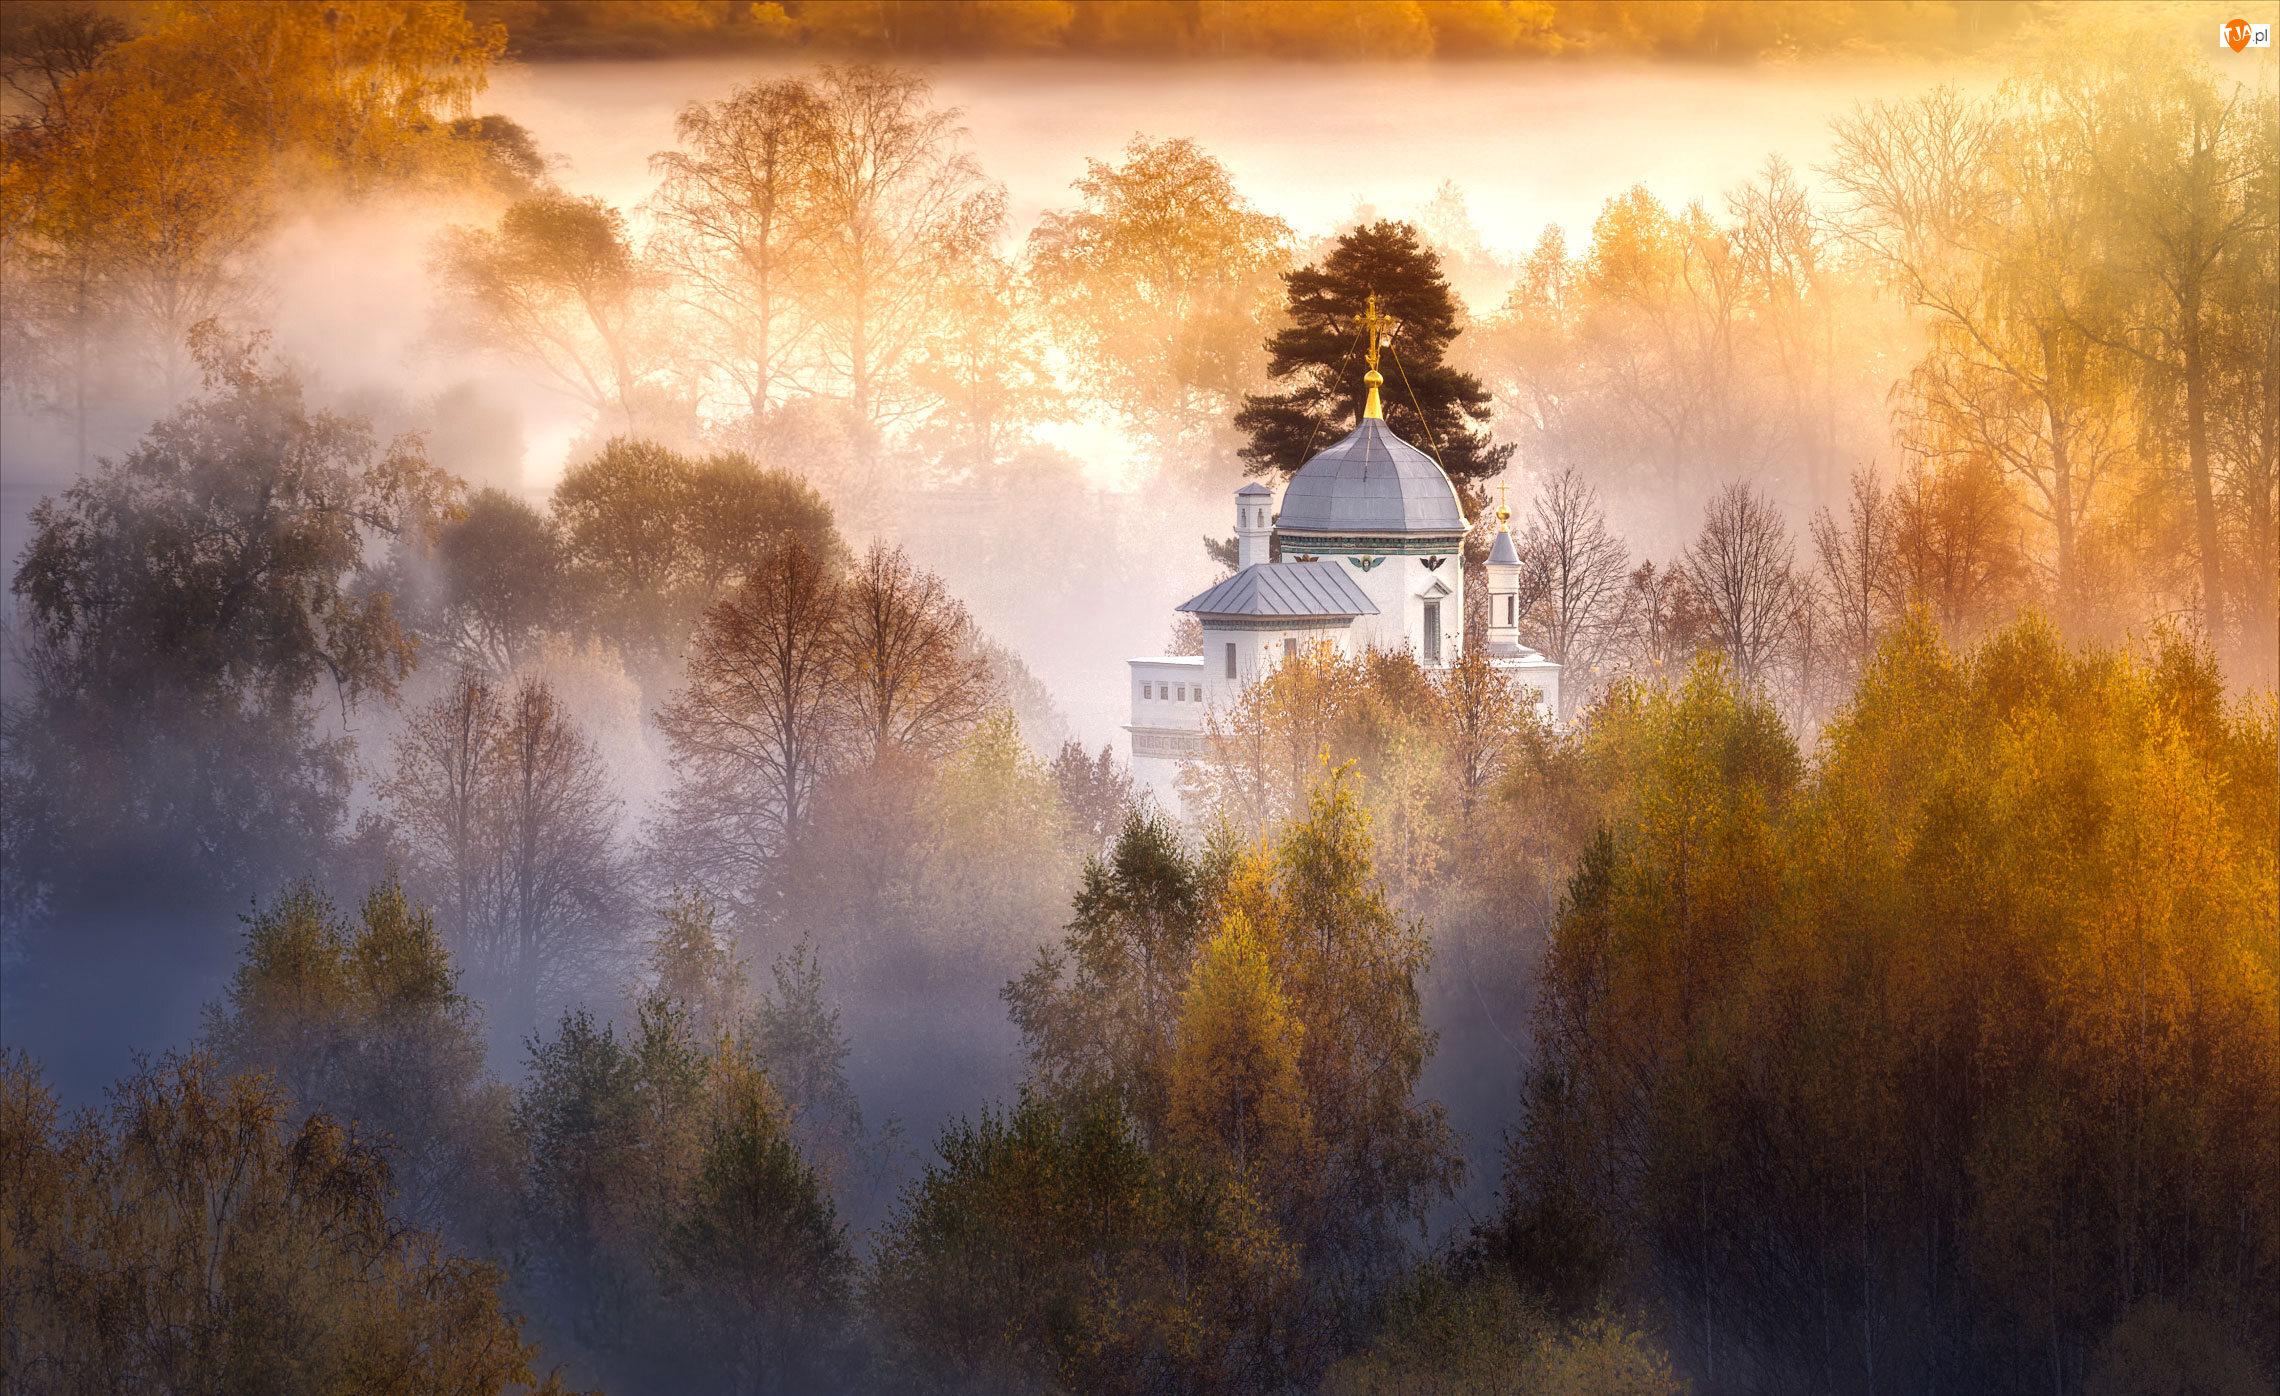 Drzewa, Jesień, Cerkiew, Mgła